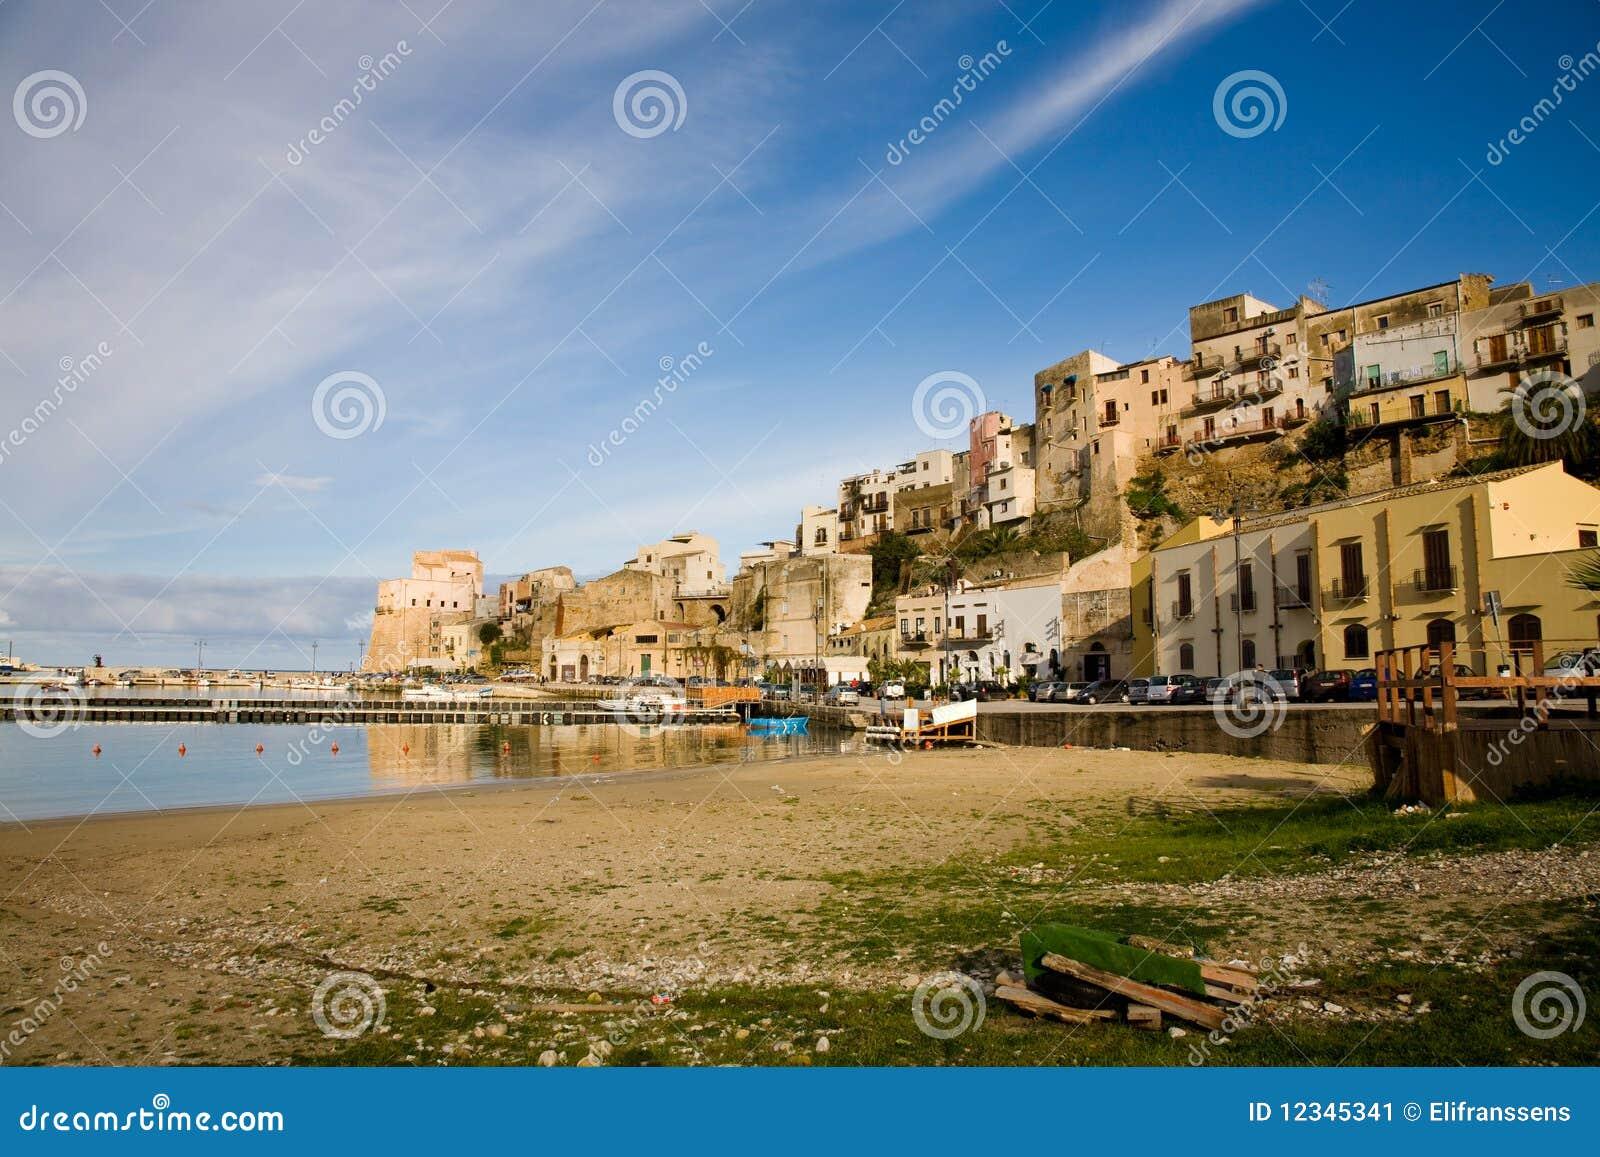 Castellammare del Golfo Italy  city photo : ... Castellammare del Golfo in the province of Trapani in Sicily, Italy